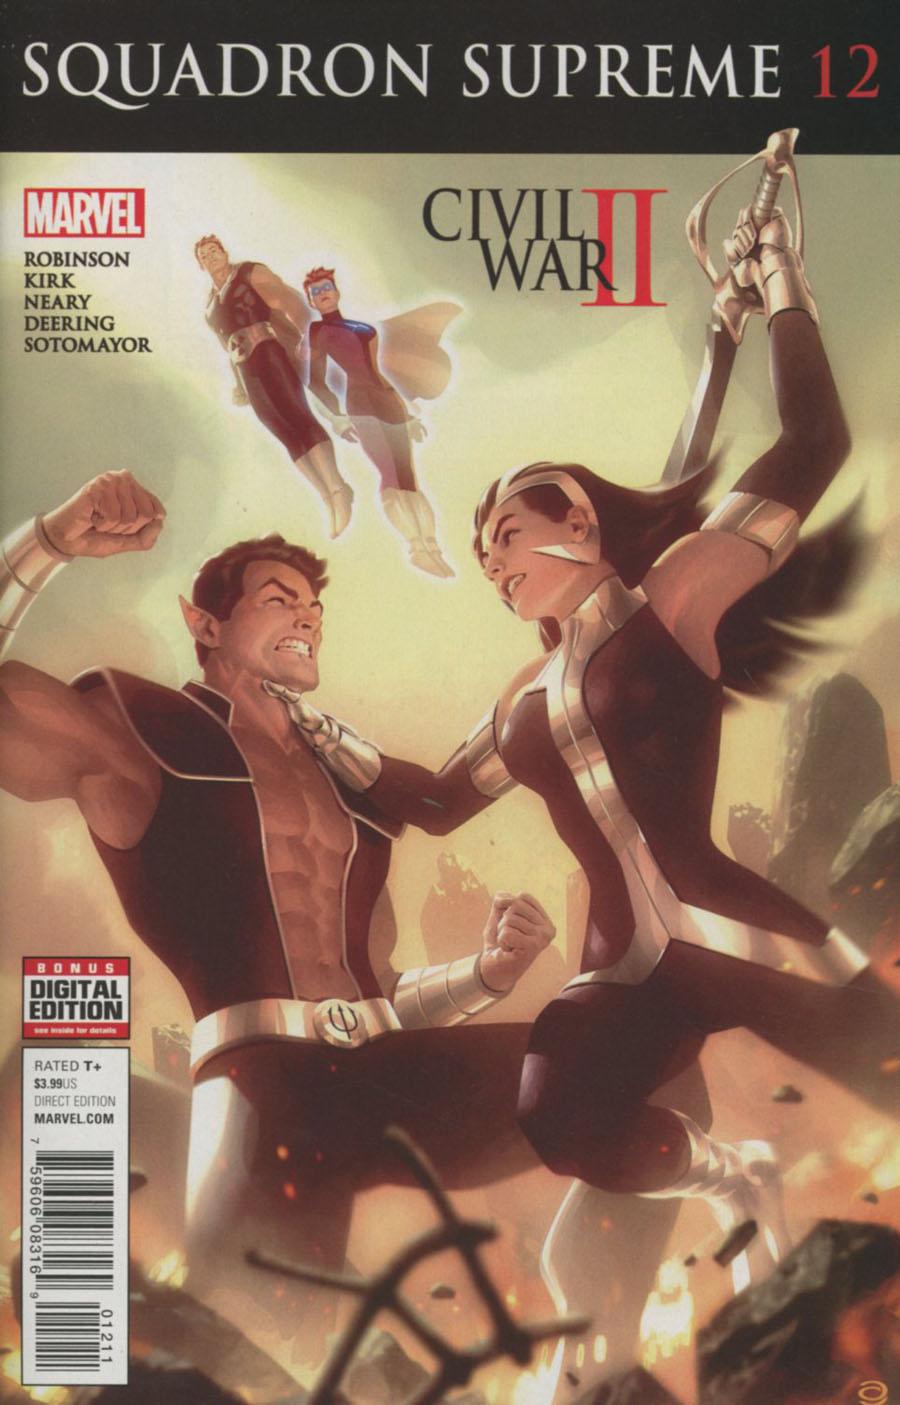 Squadron Supreme Vol 4 #12 (Civil War II Tie-In)